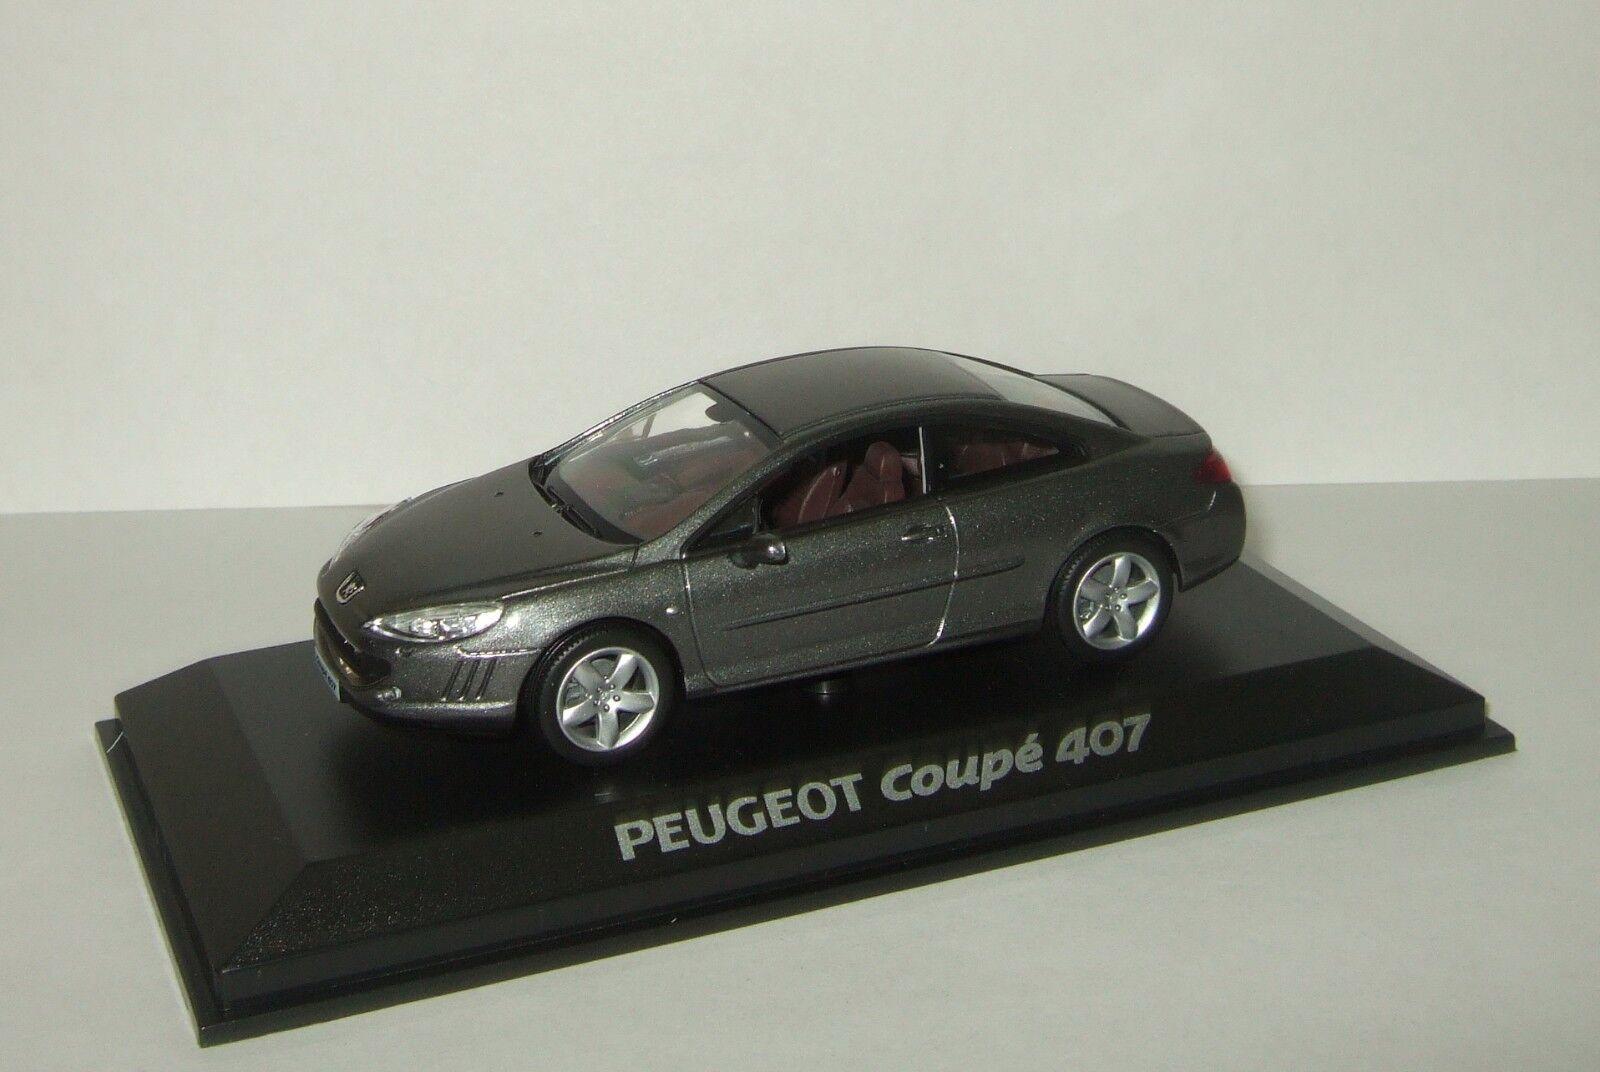 suministro de productos de calidad 1 43 Norev Peugeot Peugeot Peugeot 407 Coupe Moondust gris 2008 474774  saludable